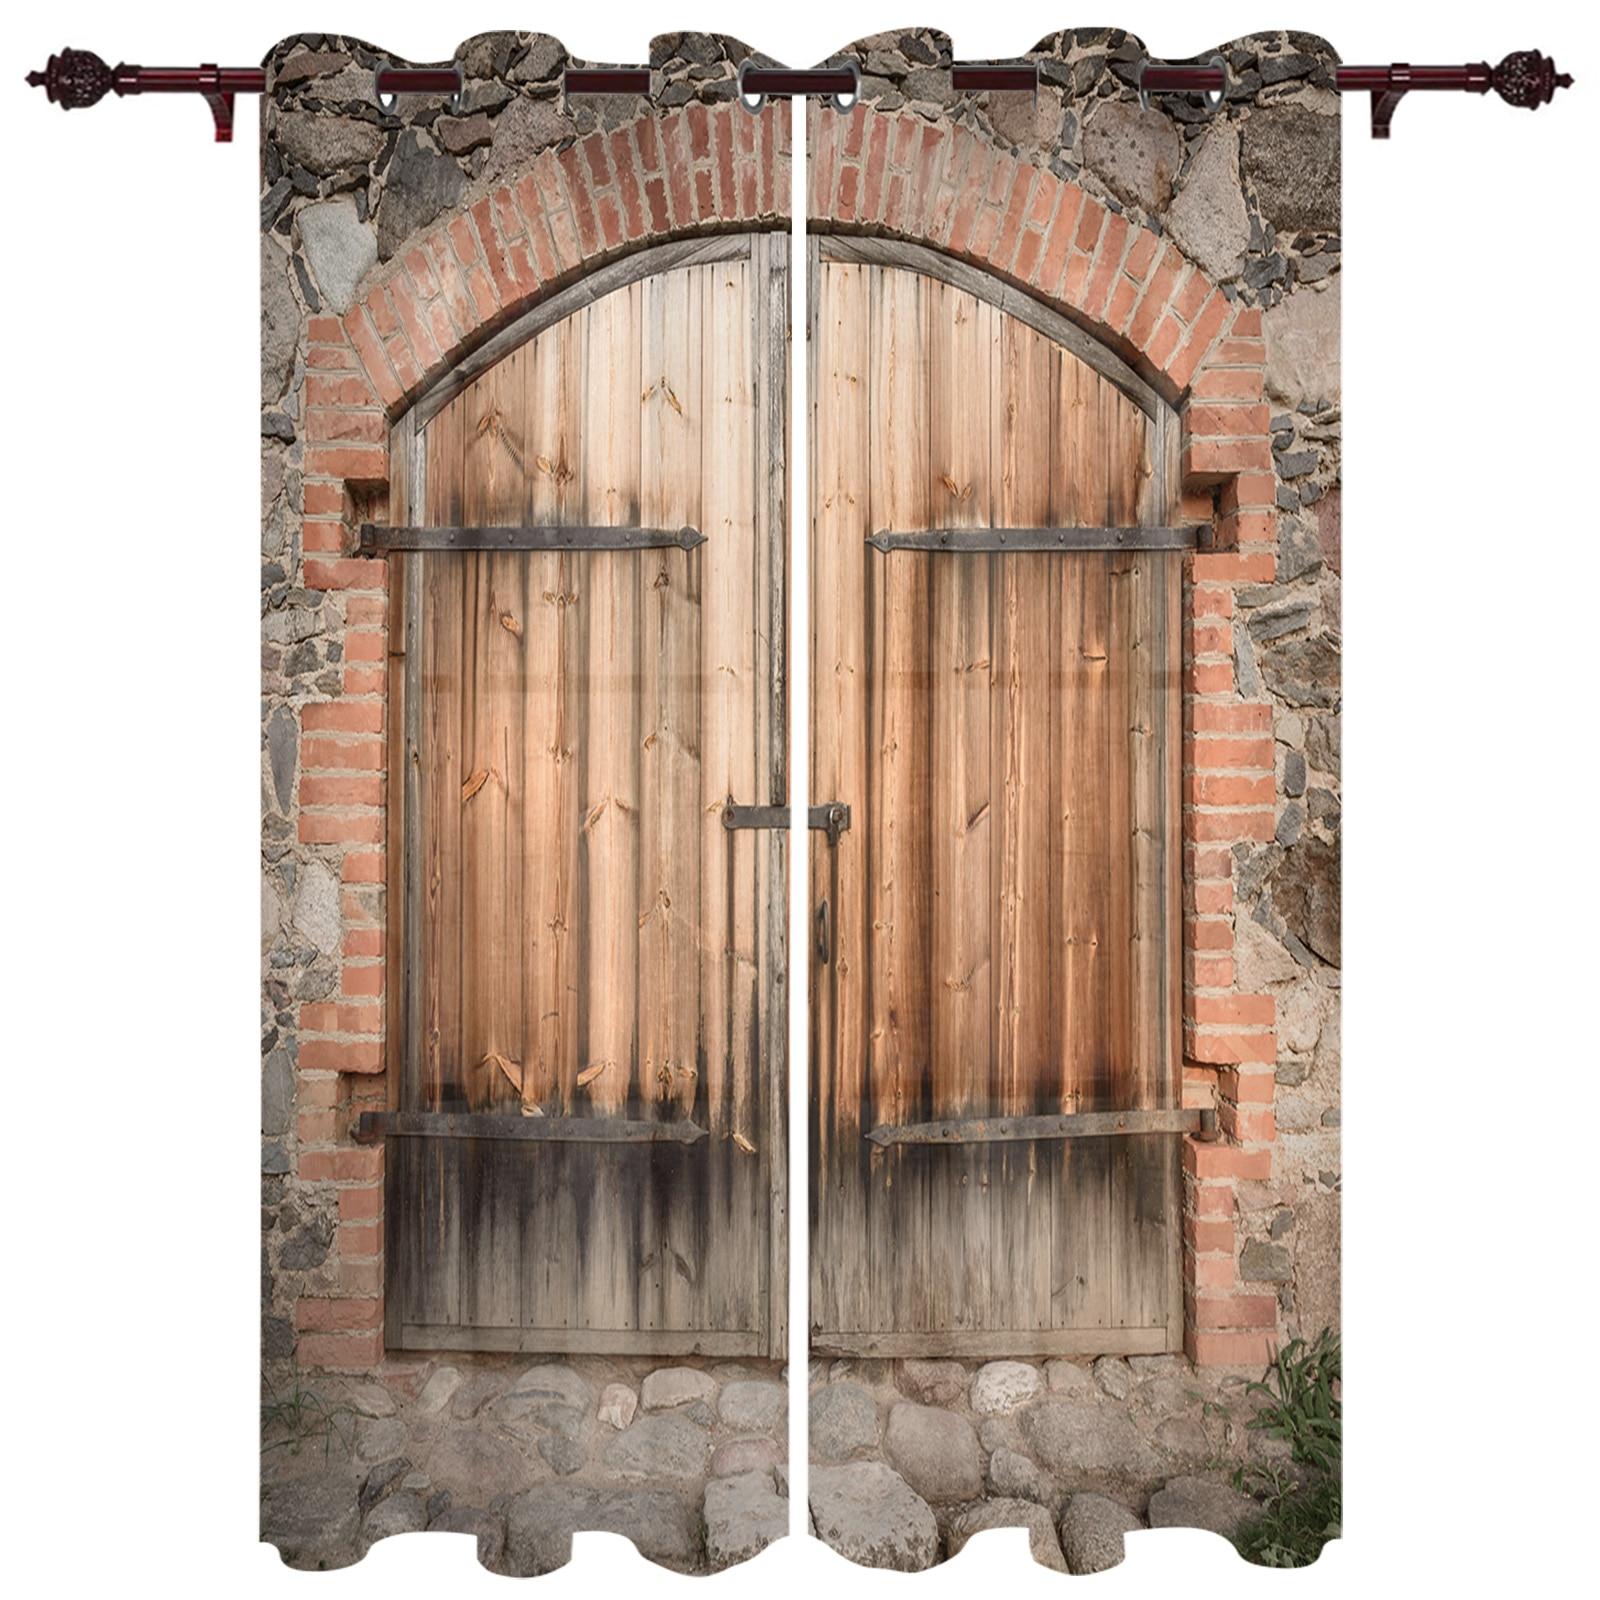 ستائر باب خشبية من Stone House ، ستارة فاخرة ، نافذة شفافة للمطبخ ، غرفة المعيشة ، عريشة حديقة